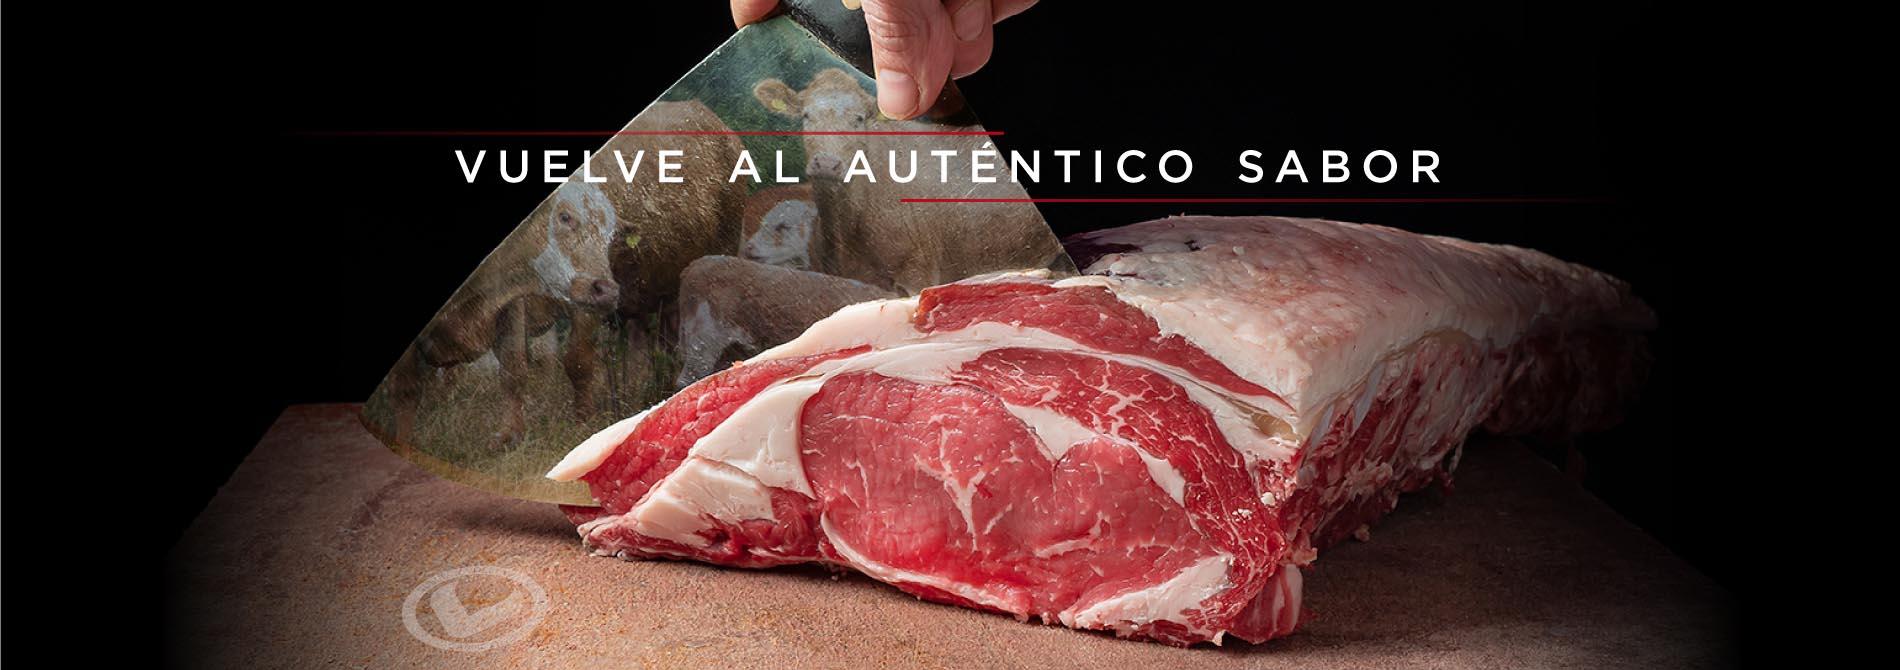 Tu tienda de confianza para comprar online la mejor carne de ternera